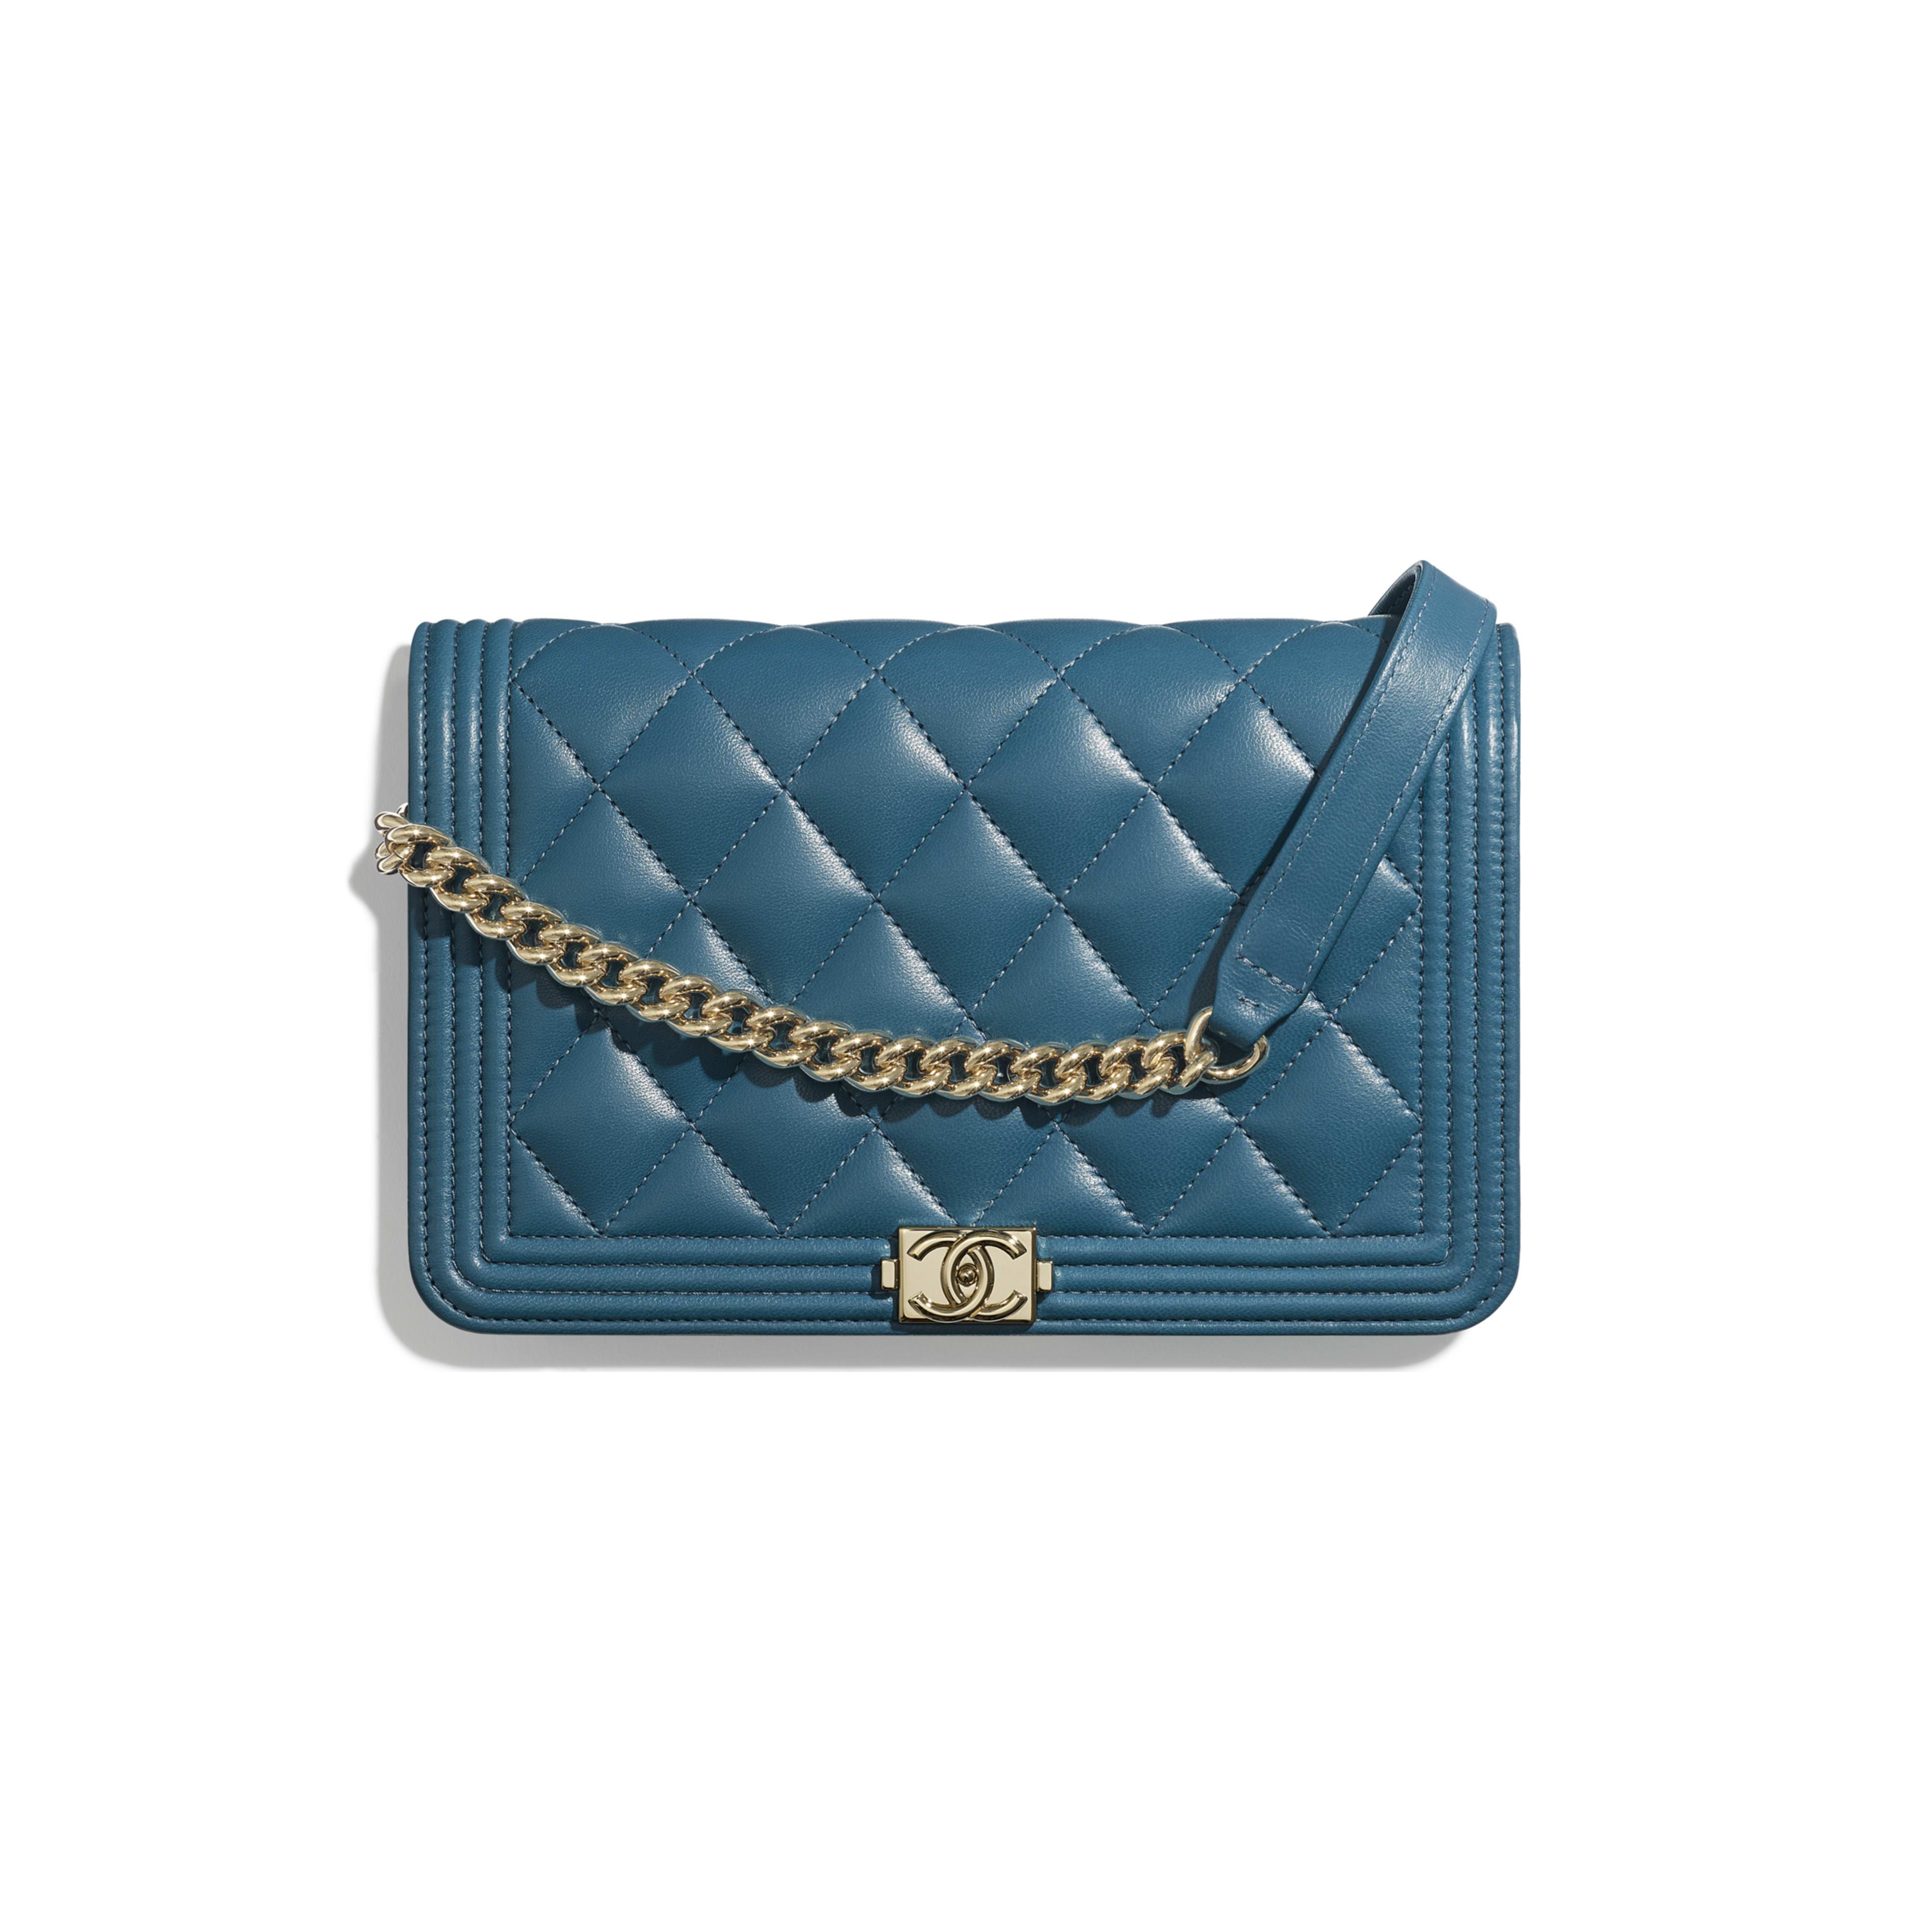 กระเป๋าสตางค์ Boy Chanel พร้อมสายโซ่ - สีฟ้าเทอร์ควอยซ์ - หนังแกะและโลหะสีทอง - มุมมองปัจจุบัน - ดูเวอร์ชันขนาดเต็ม